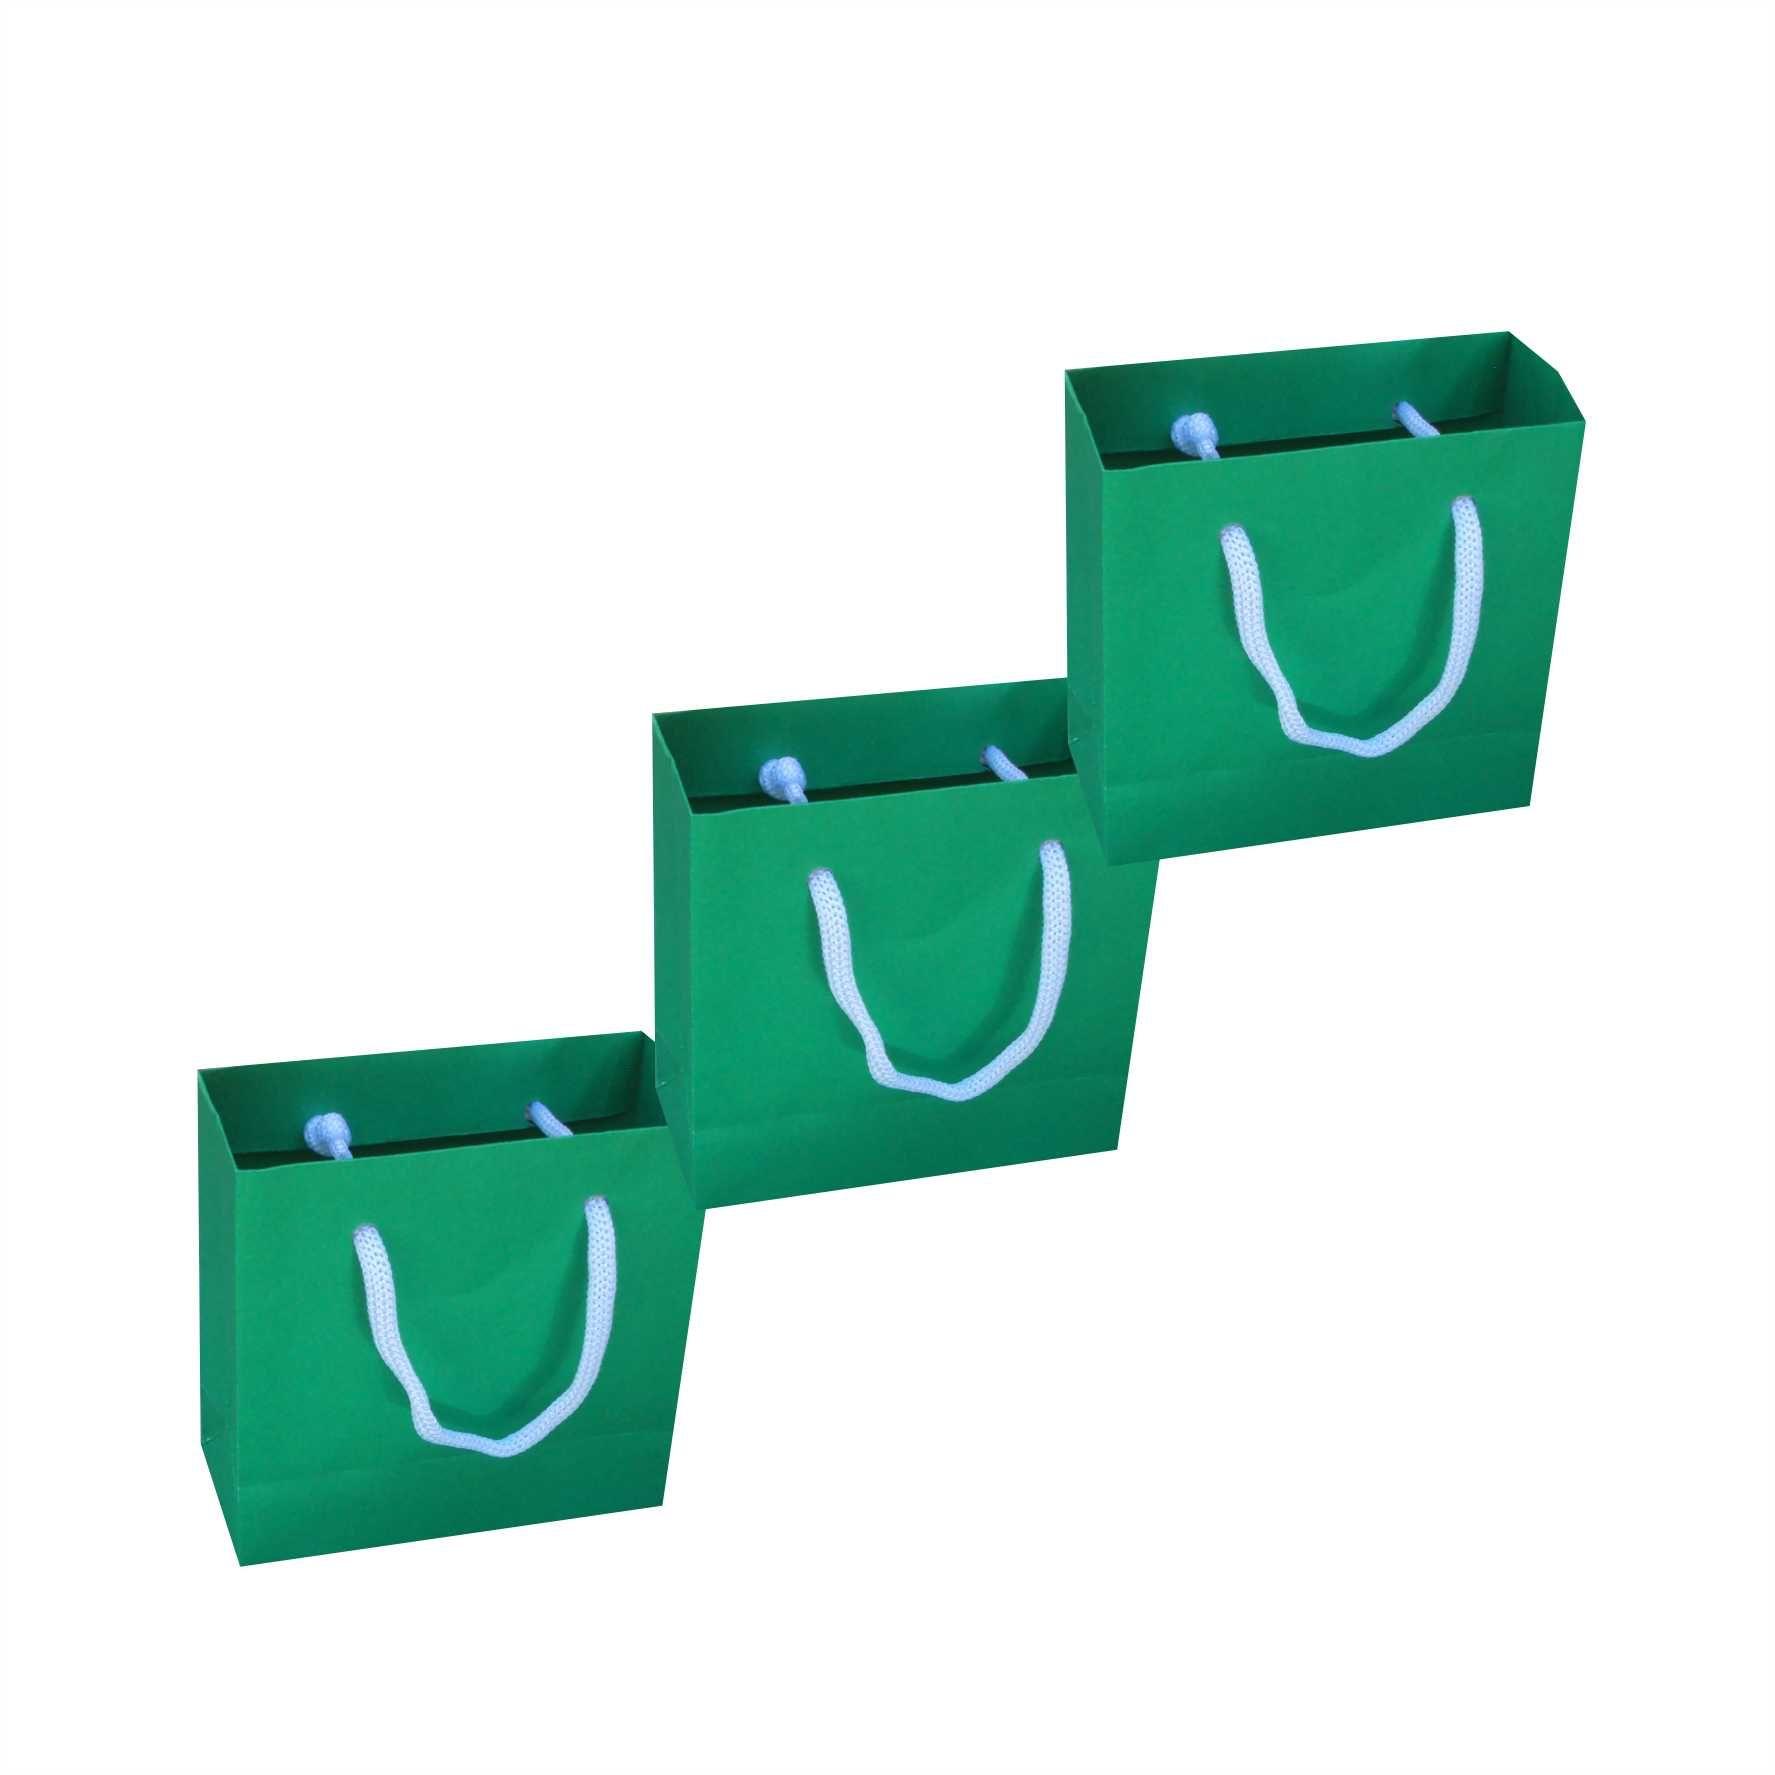 Sacola de papel mini (10x10x4,5 cm) - verde escuro - 10 unidades